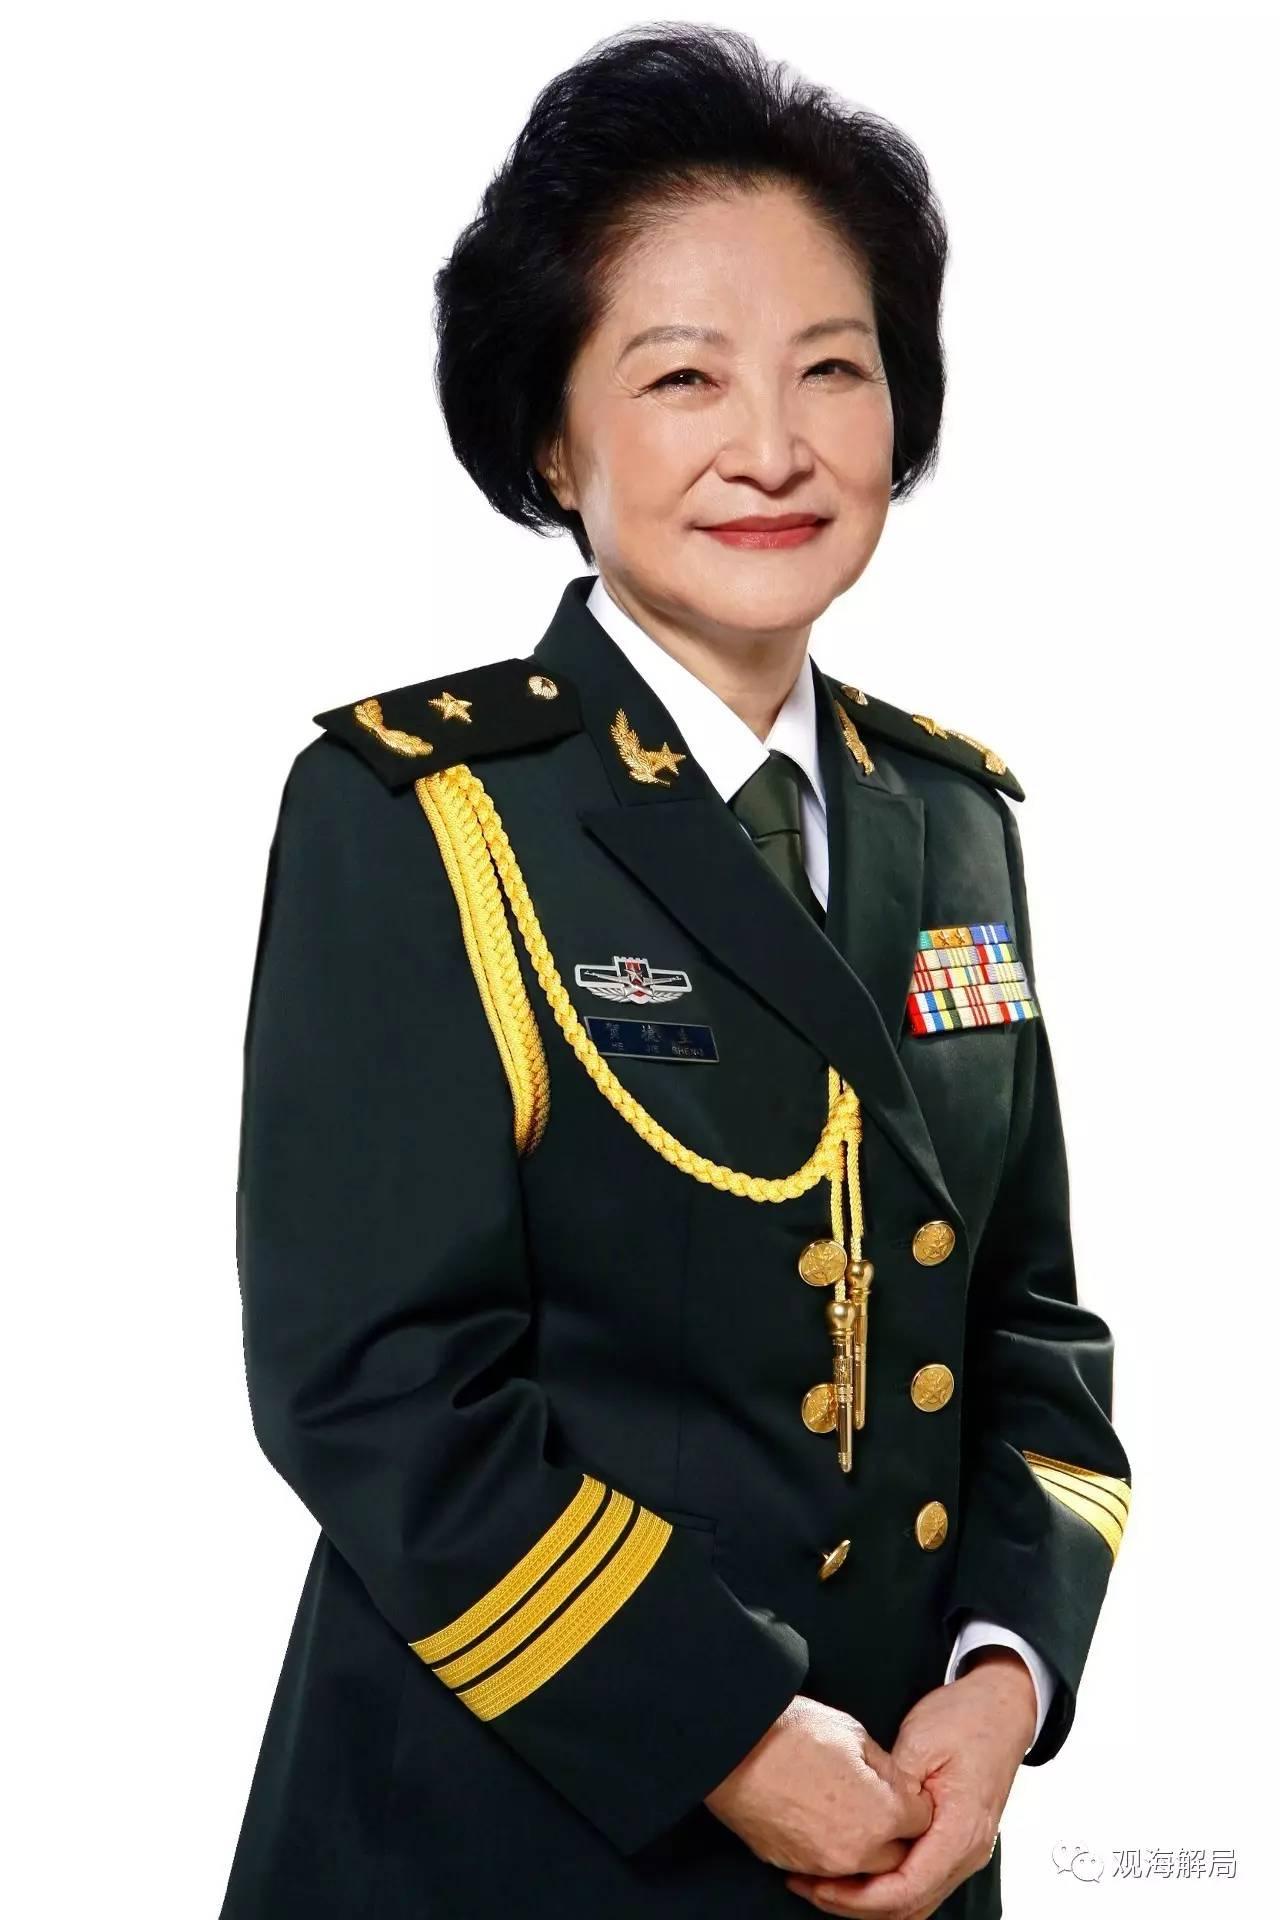 在军报刊文的共和国女将军,来头不小(图)